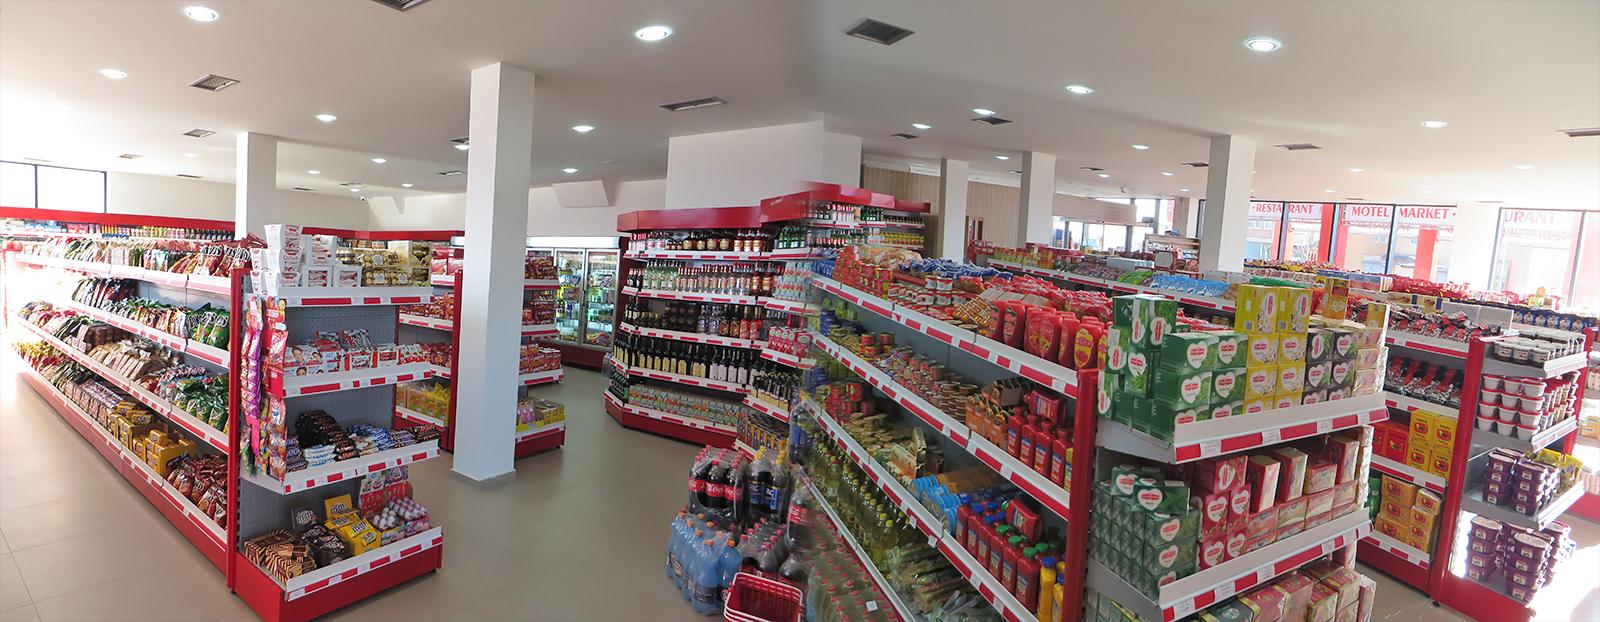 marketii